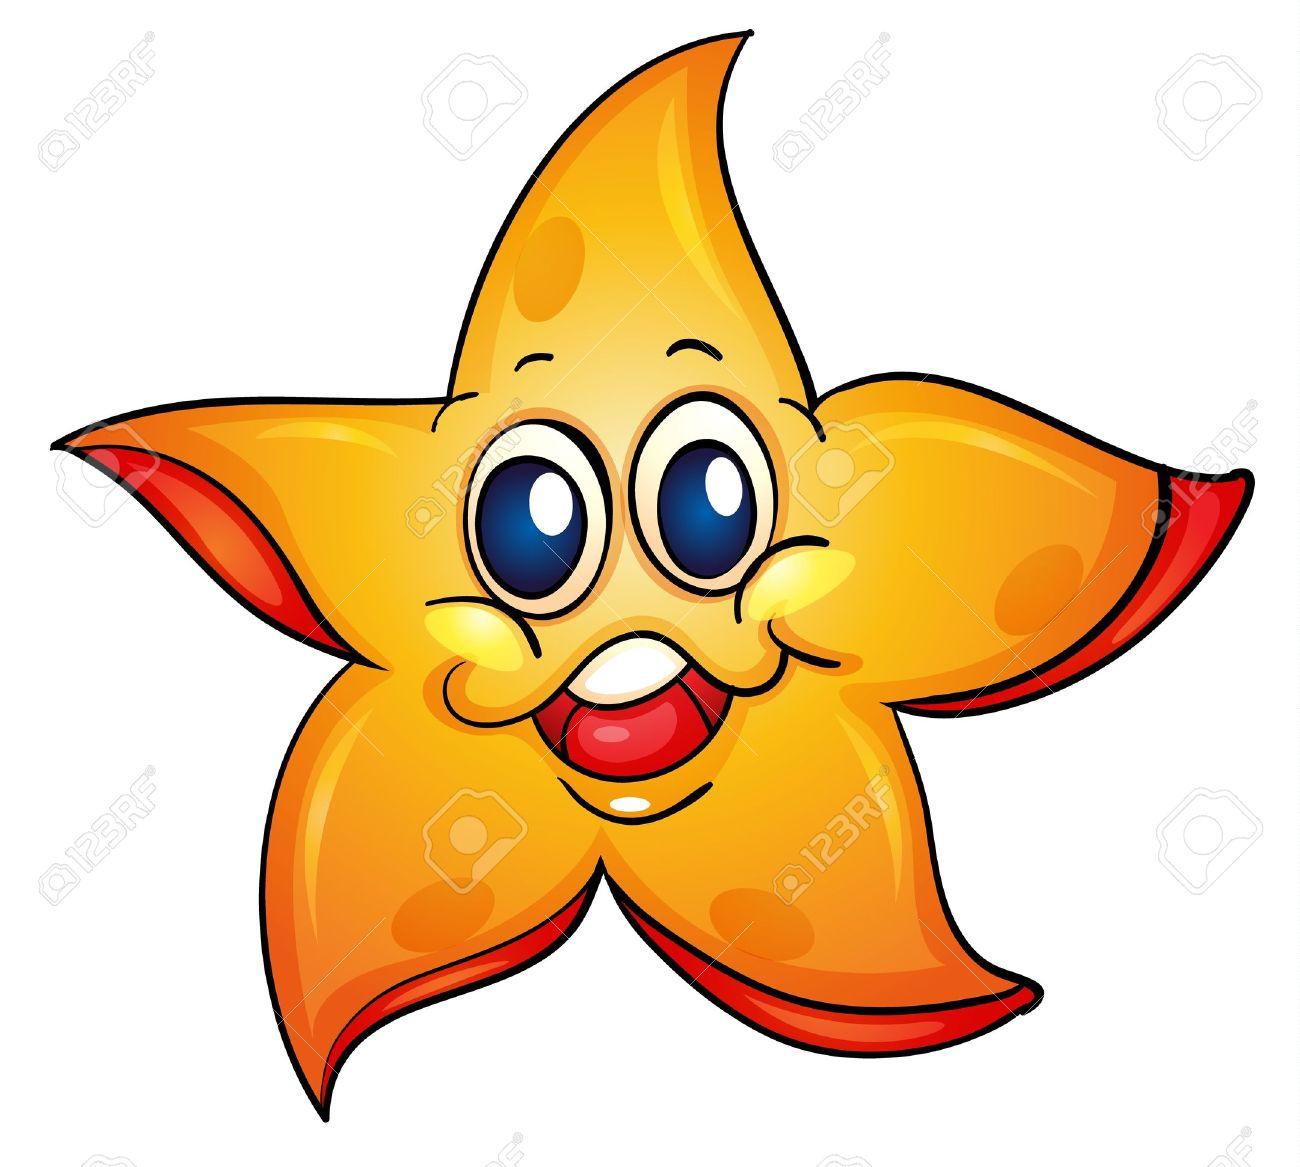 hight resolution of illustration of a sea star illustration